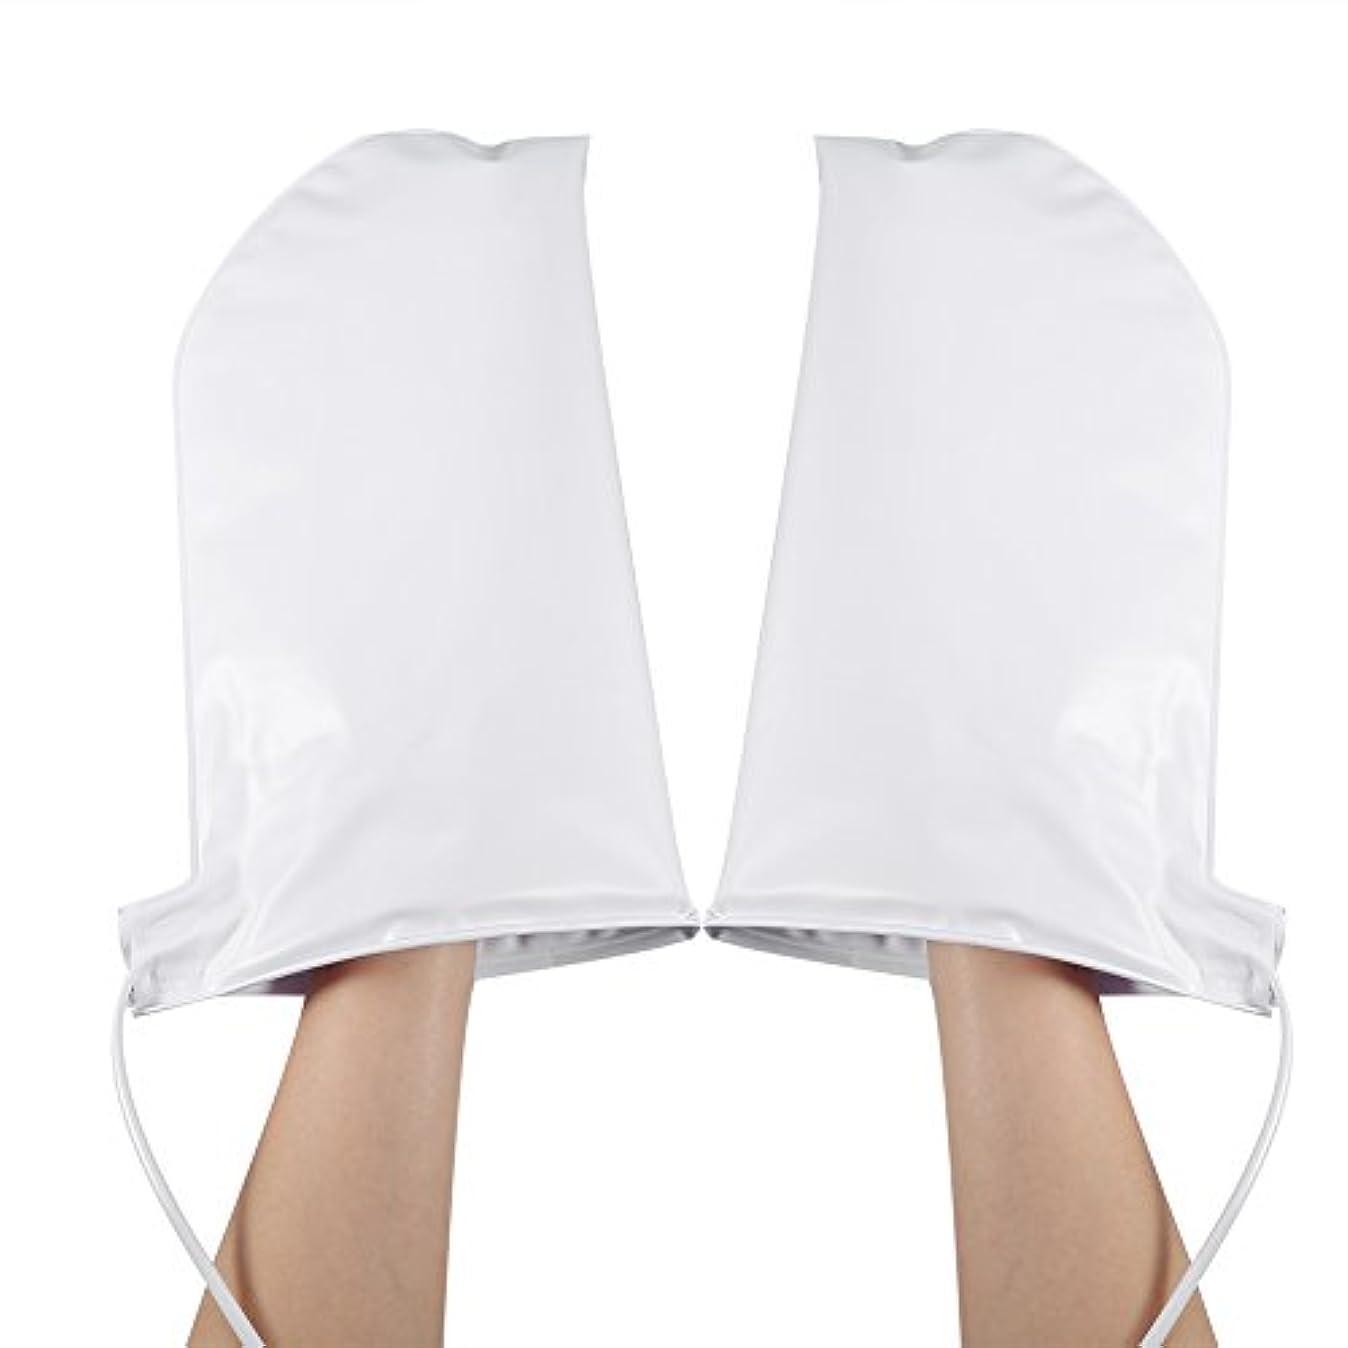 ランデブー軽食ガイドライン手袋 ヒートグローブ 加熱式 電熱 手ケア ハンドケア 2つ加熱モード 乾燥対策 手荒れ対策 補水 保湿 美白 しっとり